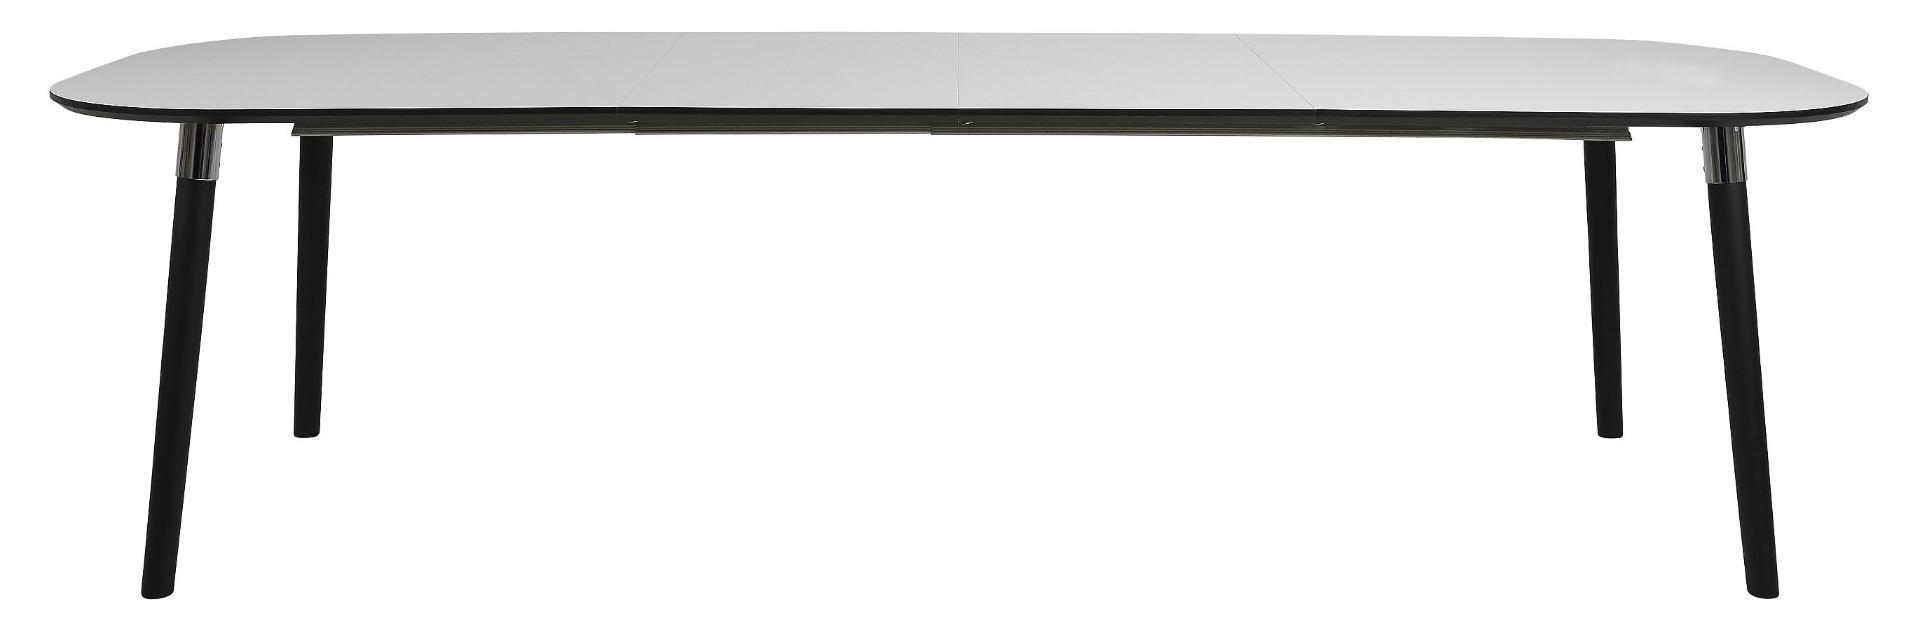 24Designs Uitschuifbare Tafel Penny - 180/280x100 Cm - Wit HPL Tafelblad - Zwarte Houten Poten